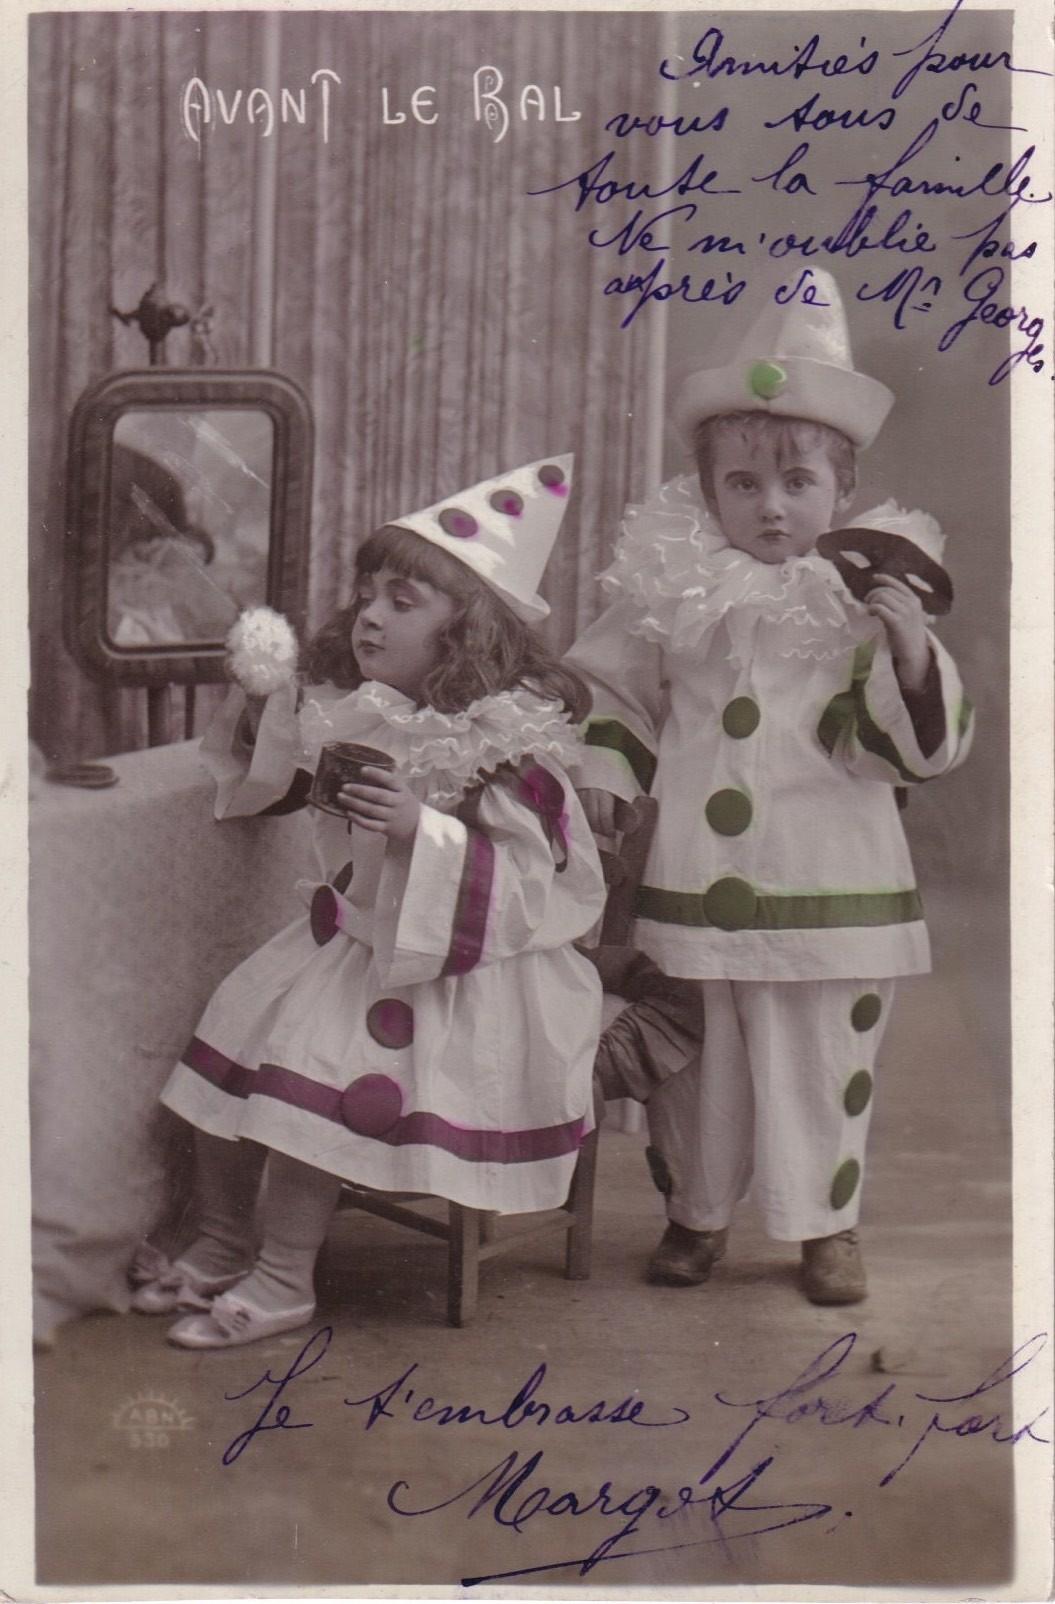 パリの蚤の市から*可愛いピエロの子供たち_c0094013_02404534.jpg